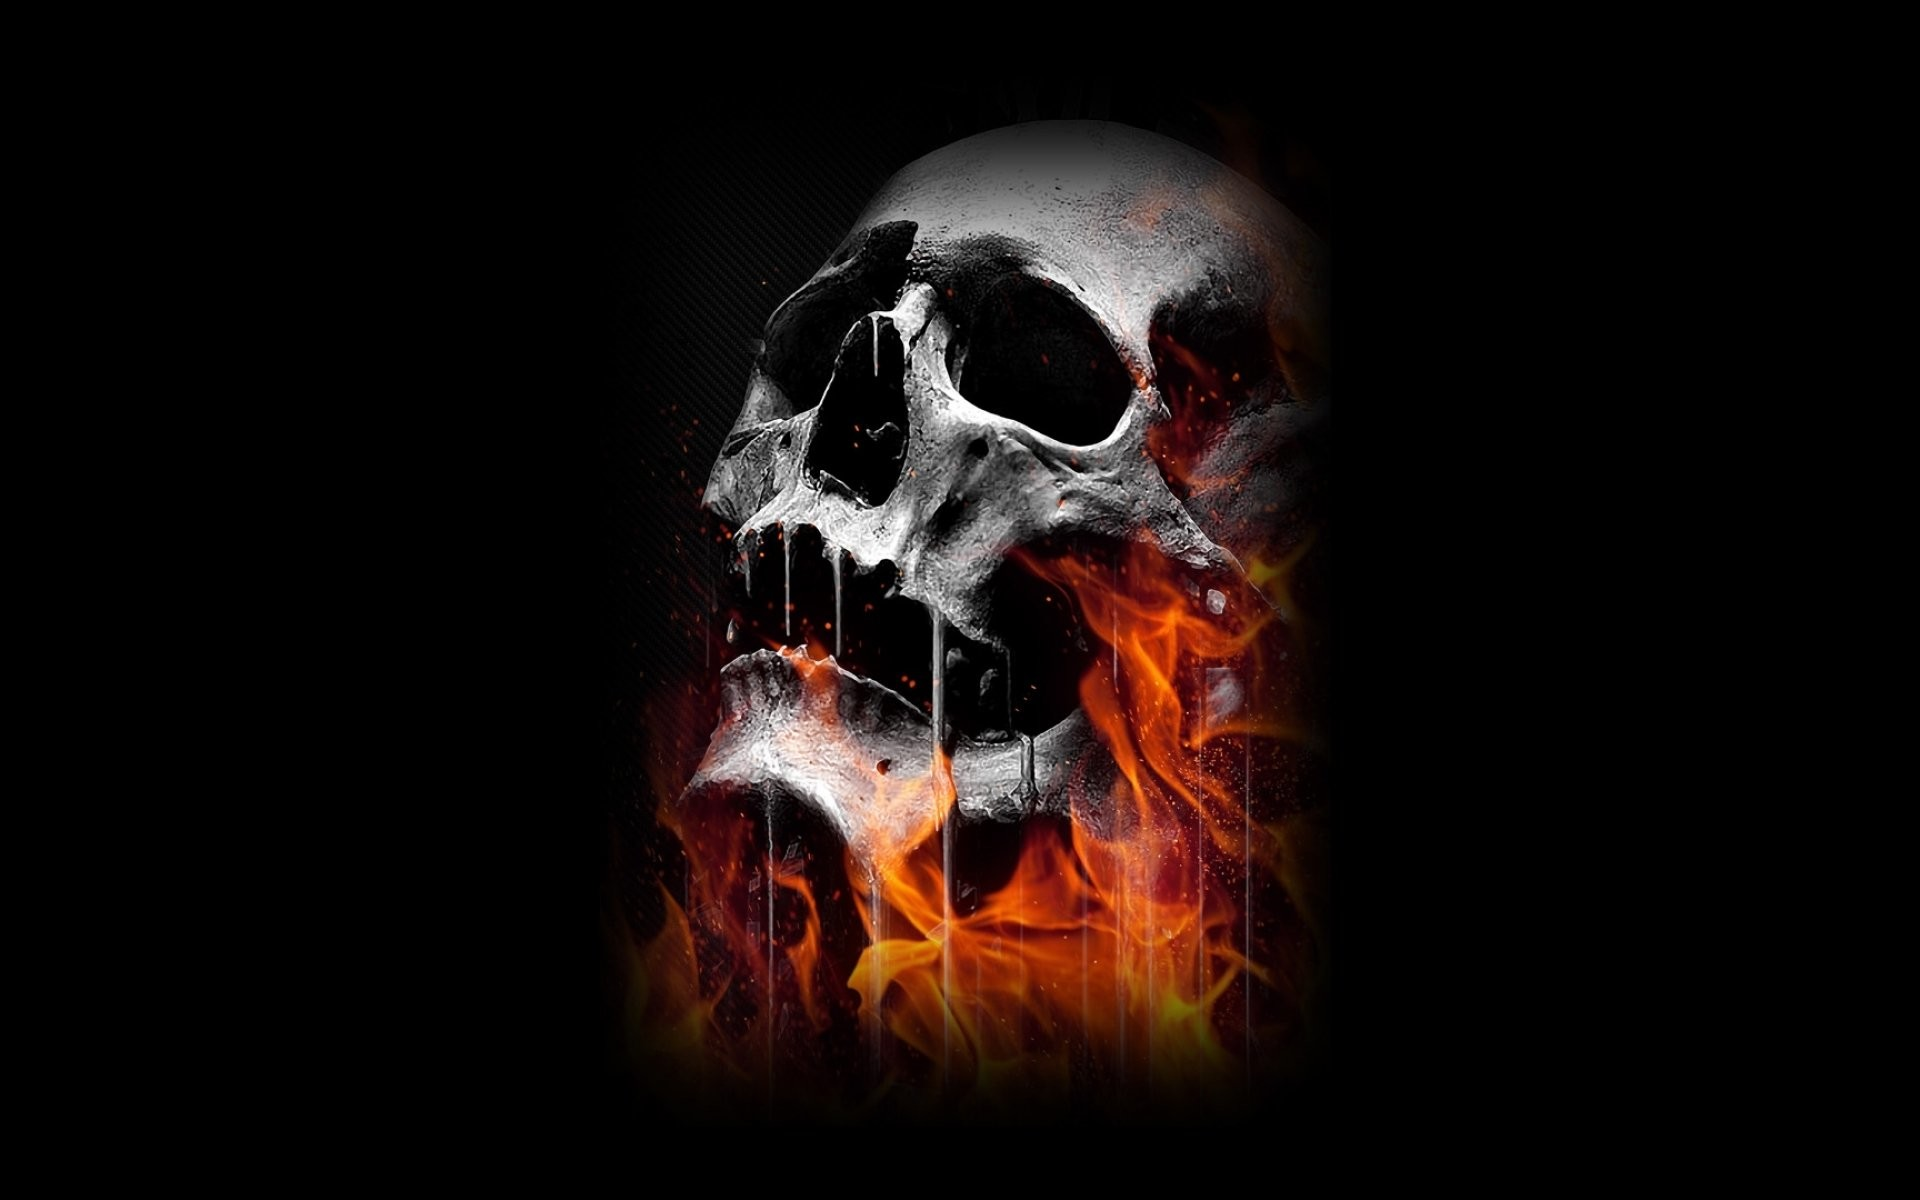 Evil Skull Wallpaper  72  Images